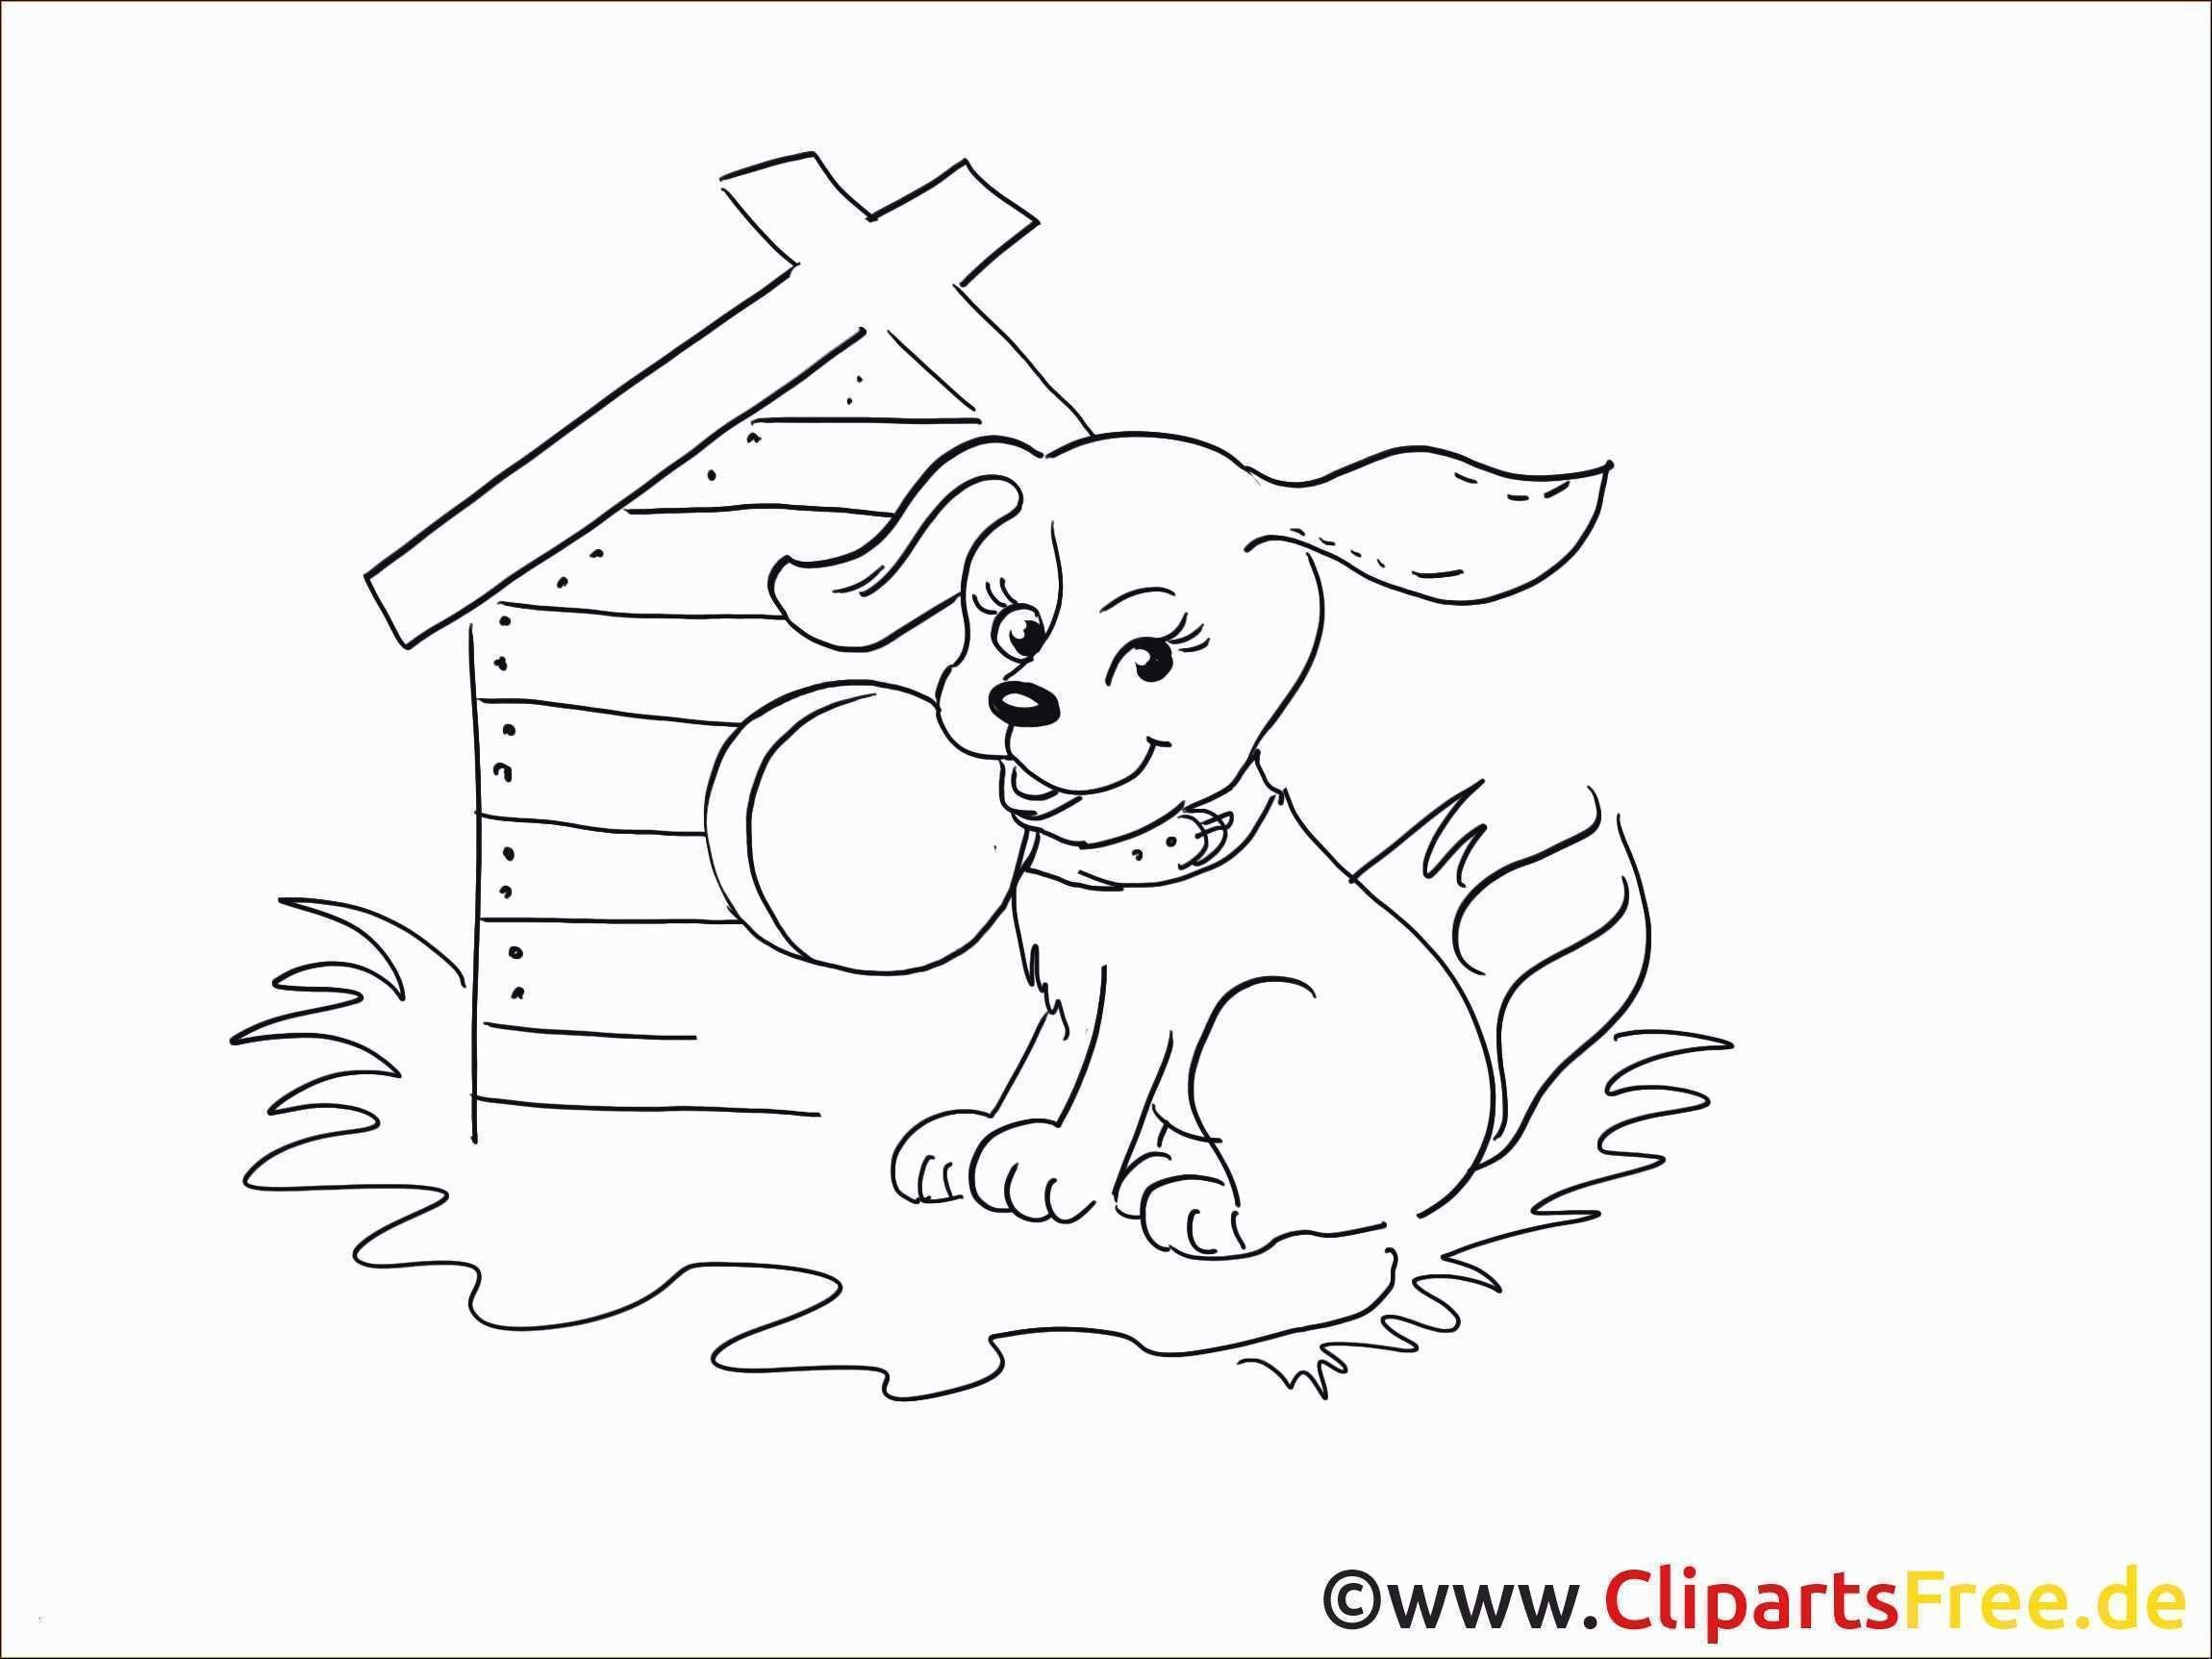 ausmalbilder hunde mops  aglhk